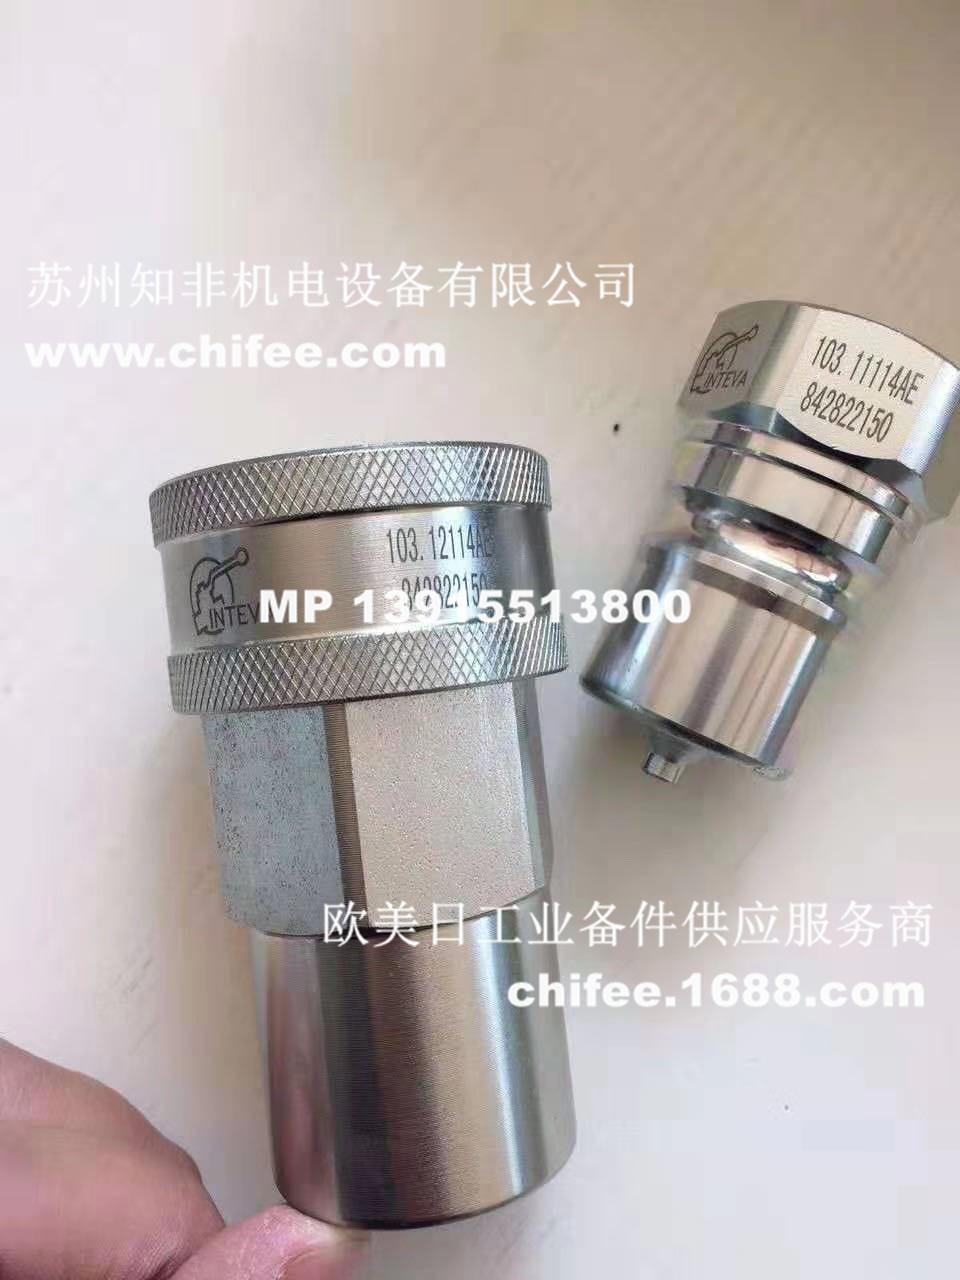 微信图片_202005261136156.jpg